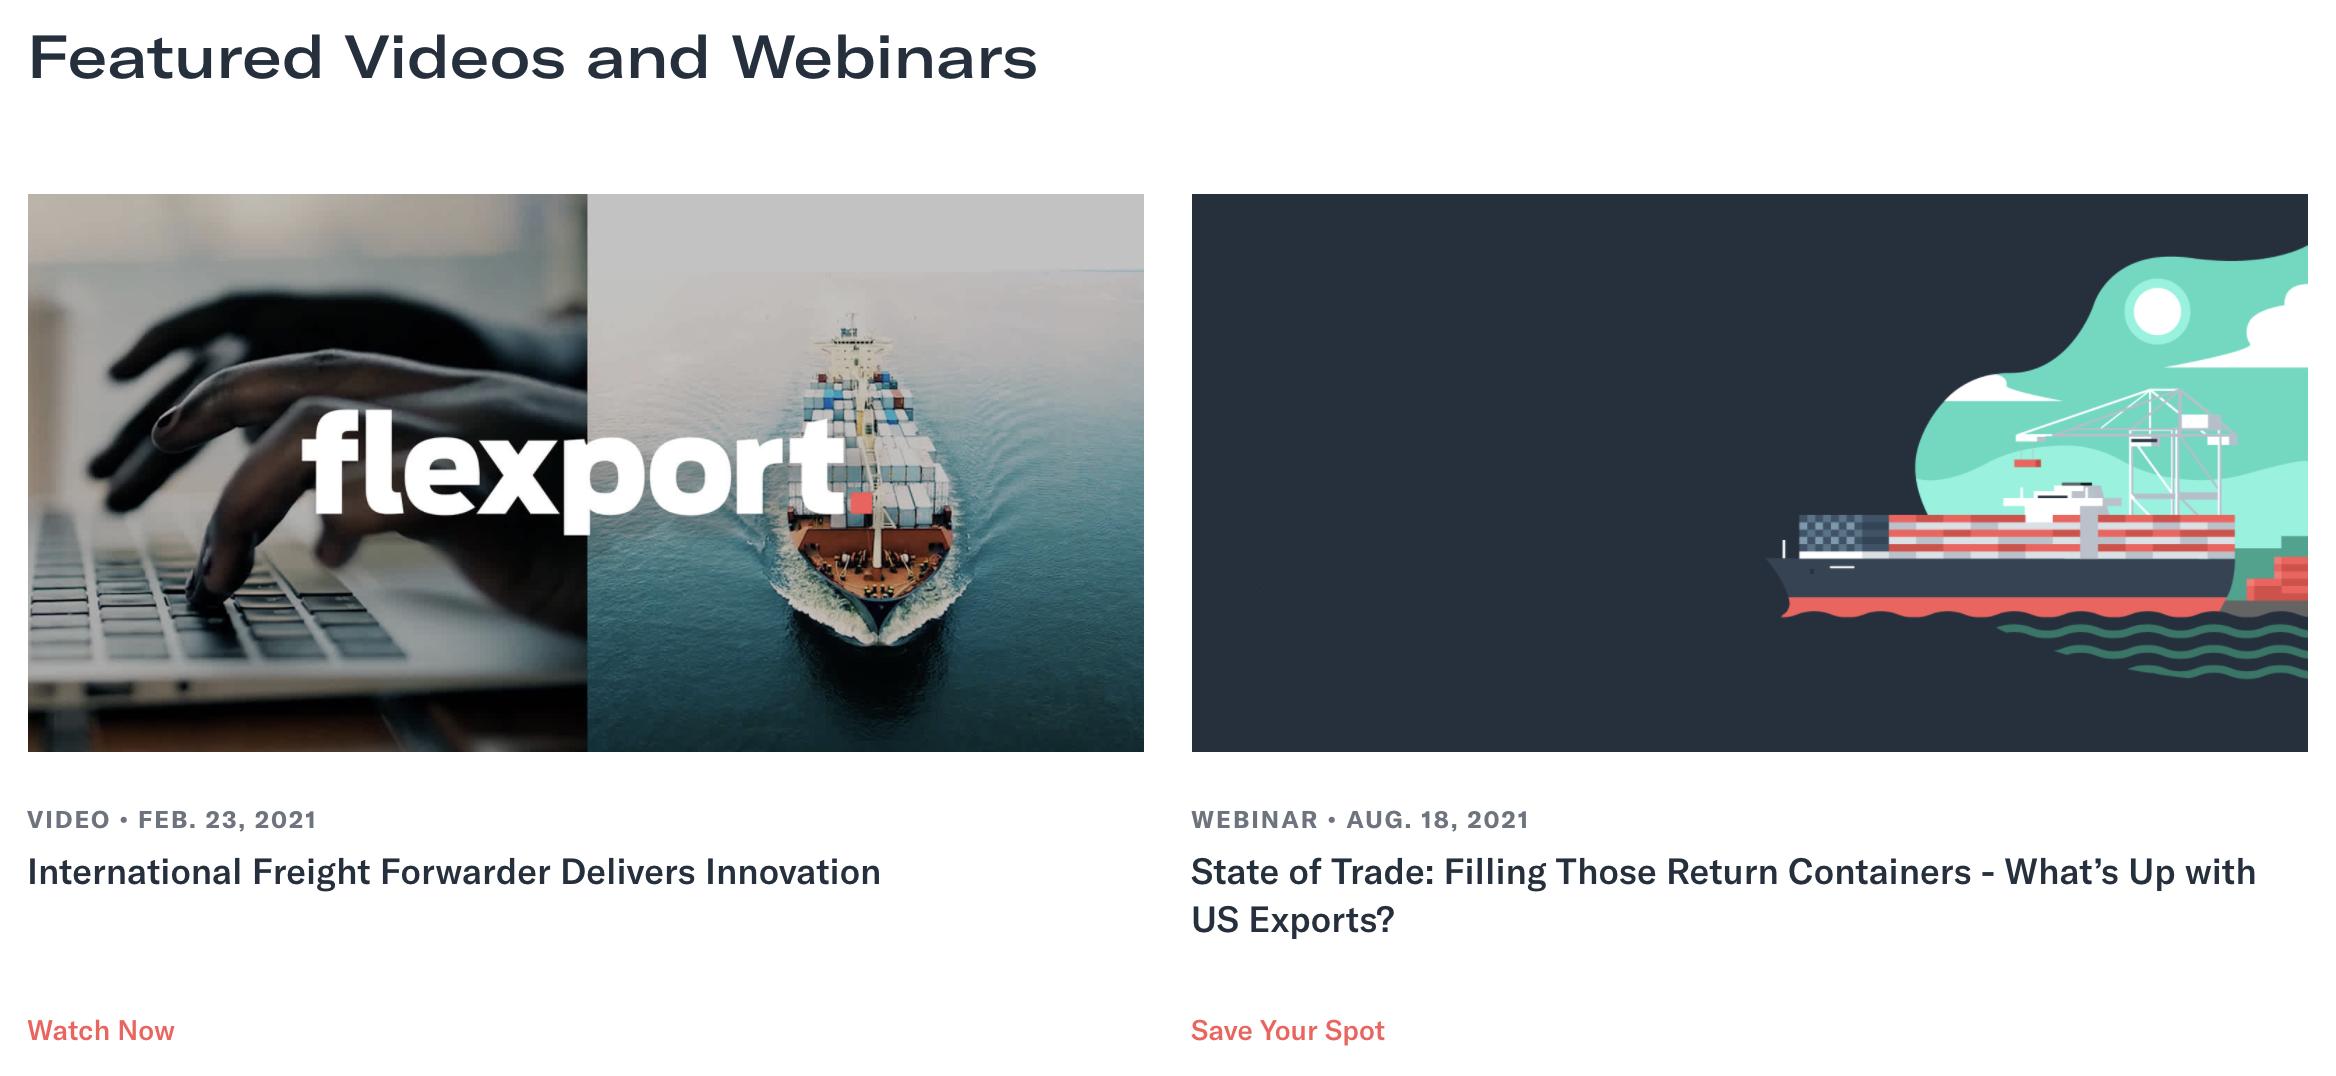 Flexport Webinars